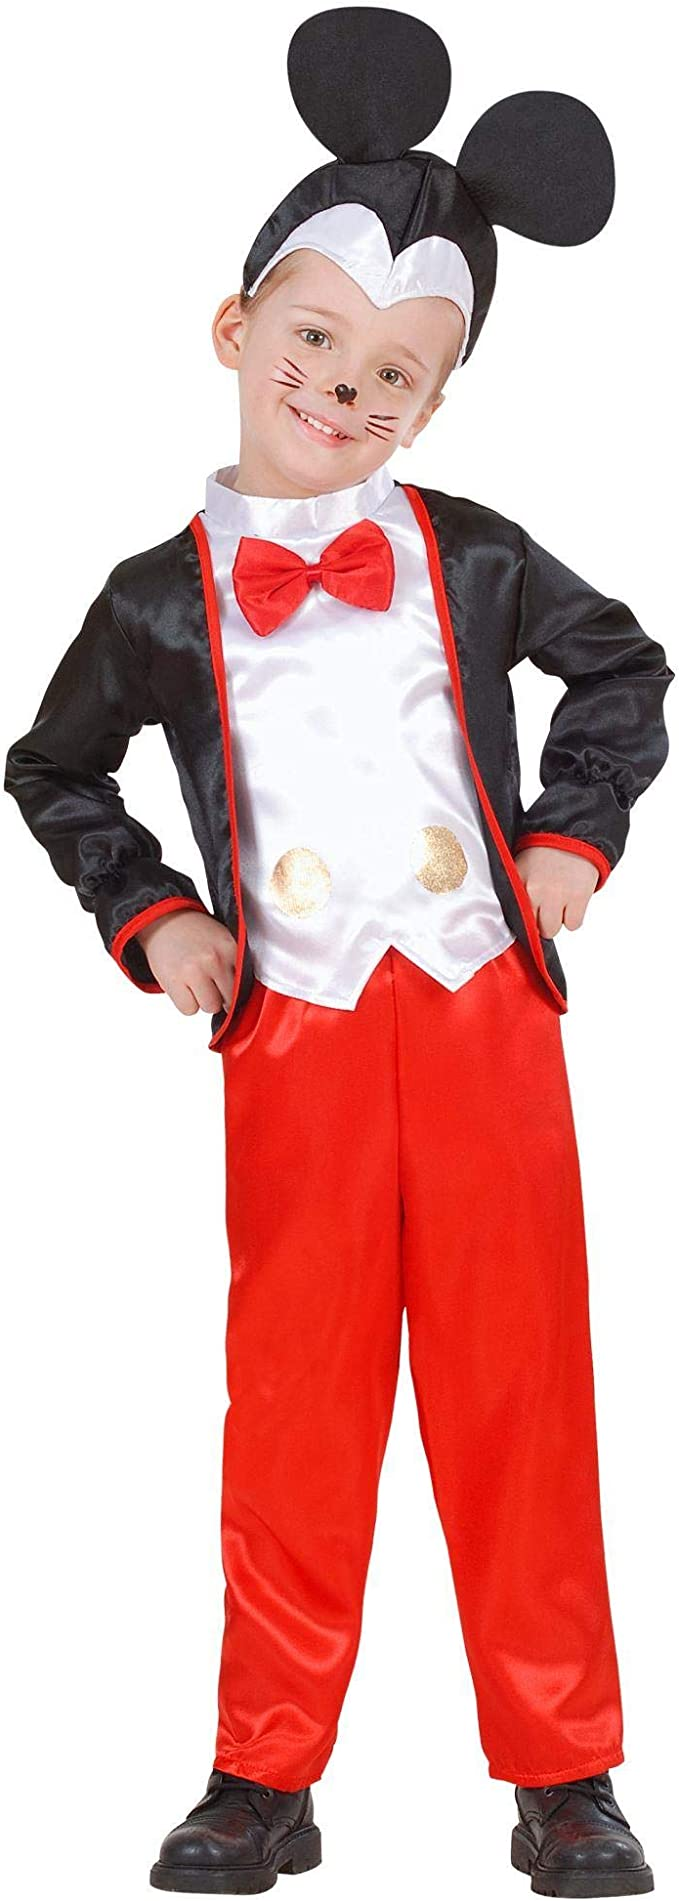 WIDMANN 43875 - Disfraz de Mickey Mouse para niños, multicolor ...